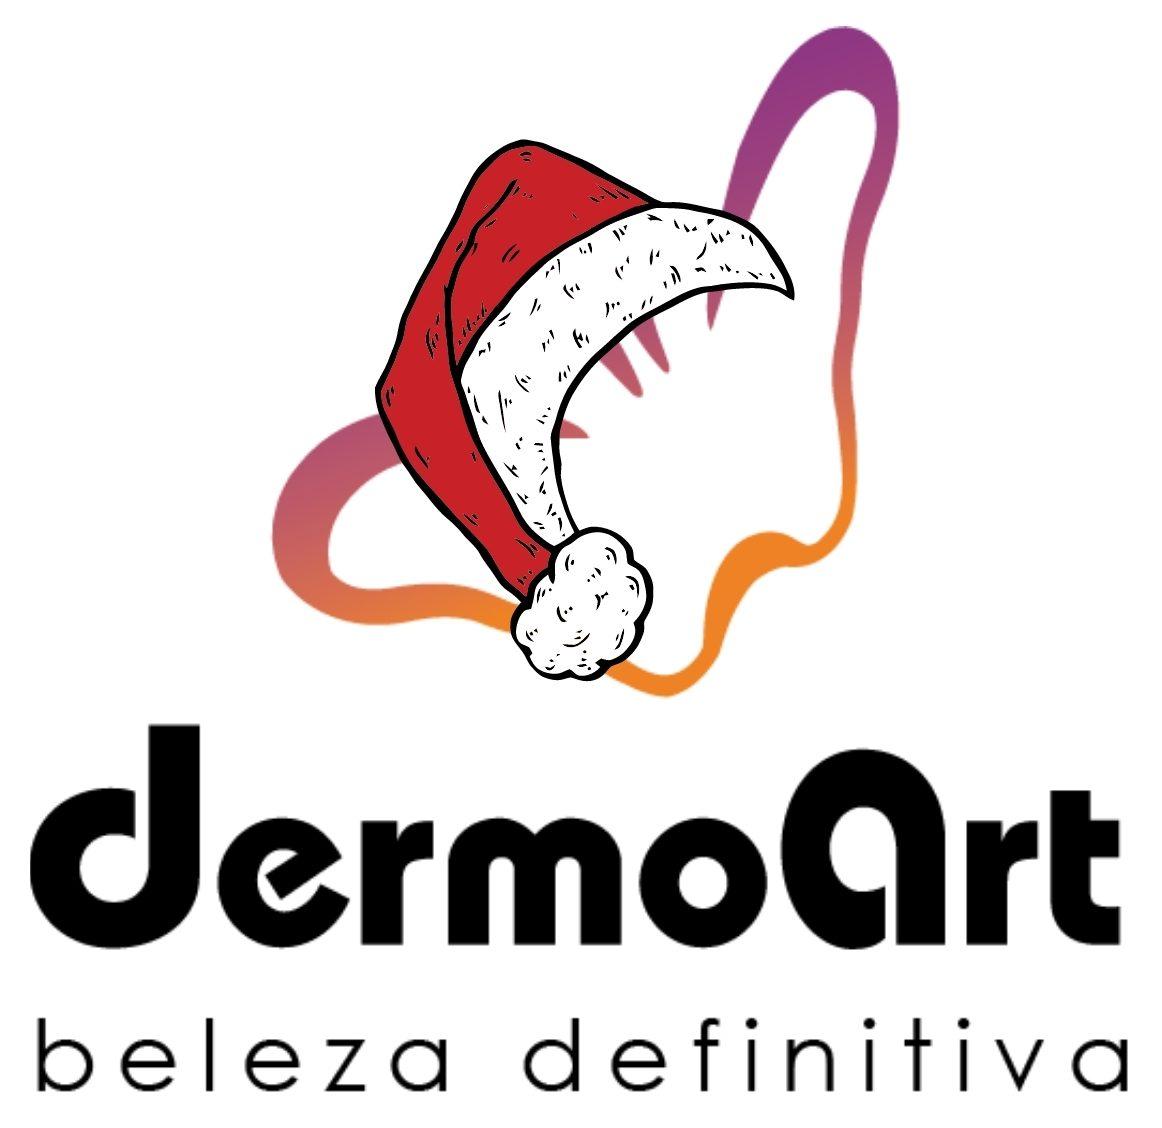 A marca DermoArt® representa no Brasil e internacionalmente produtos e serviços de alta qualidade comprovada através do reconhecimento de diversas premiações recebidas no país e no exterior.